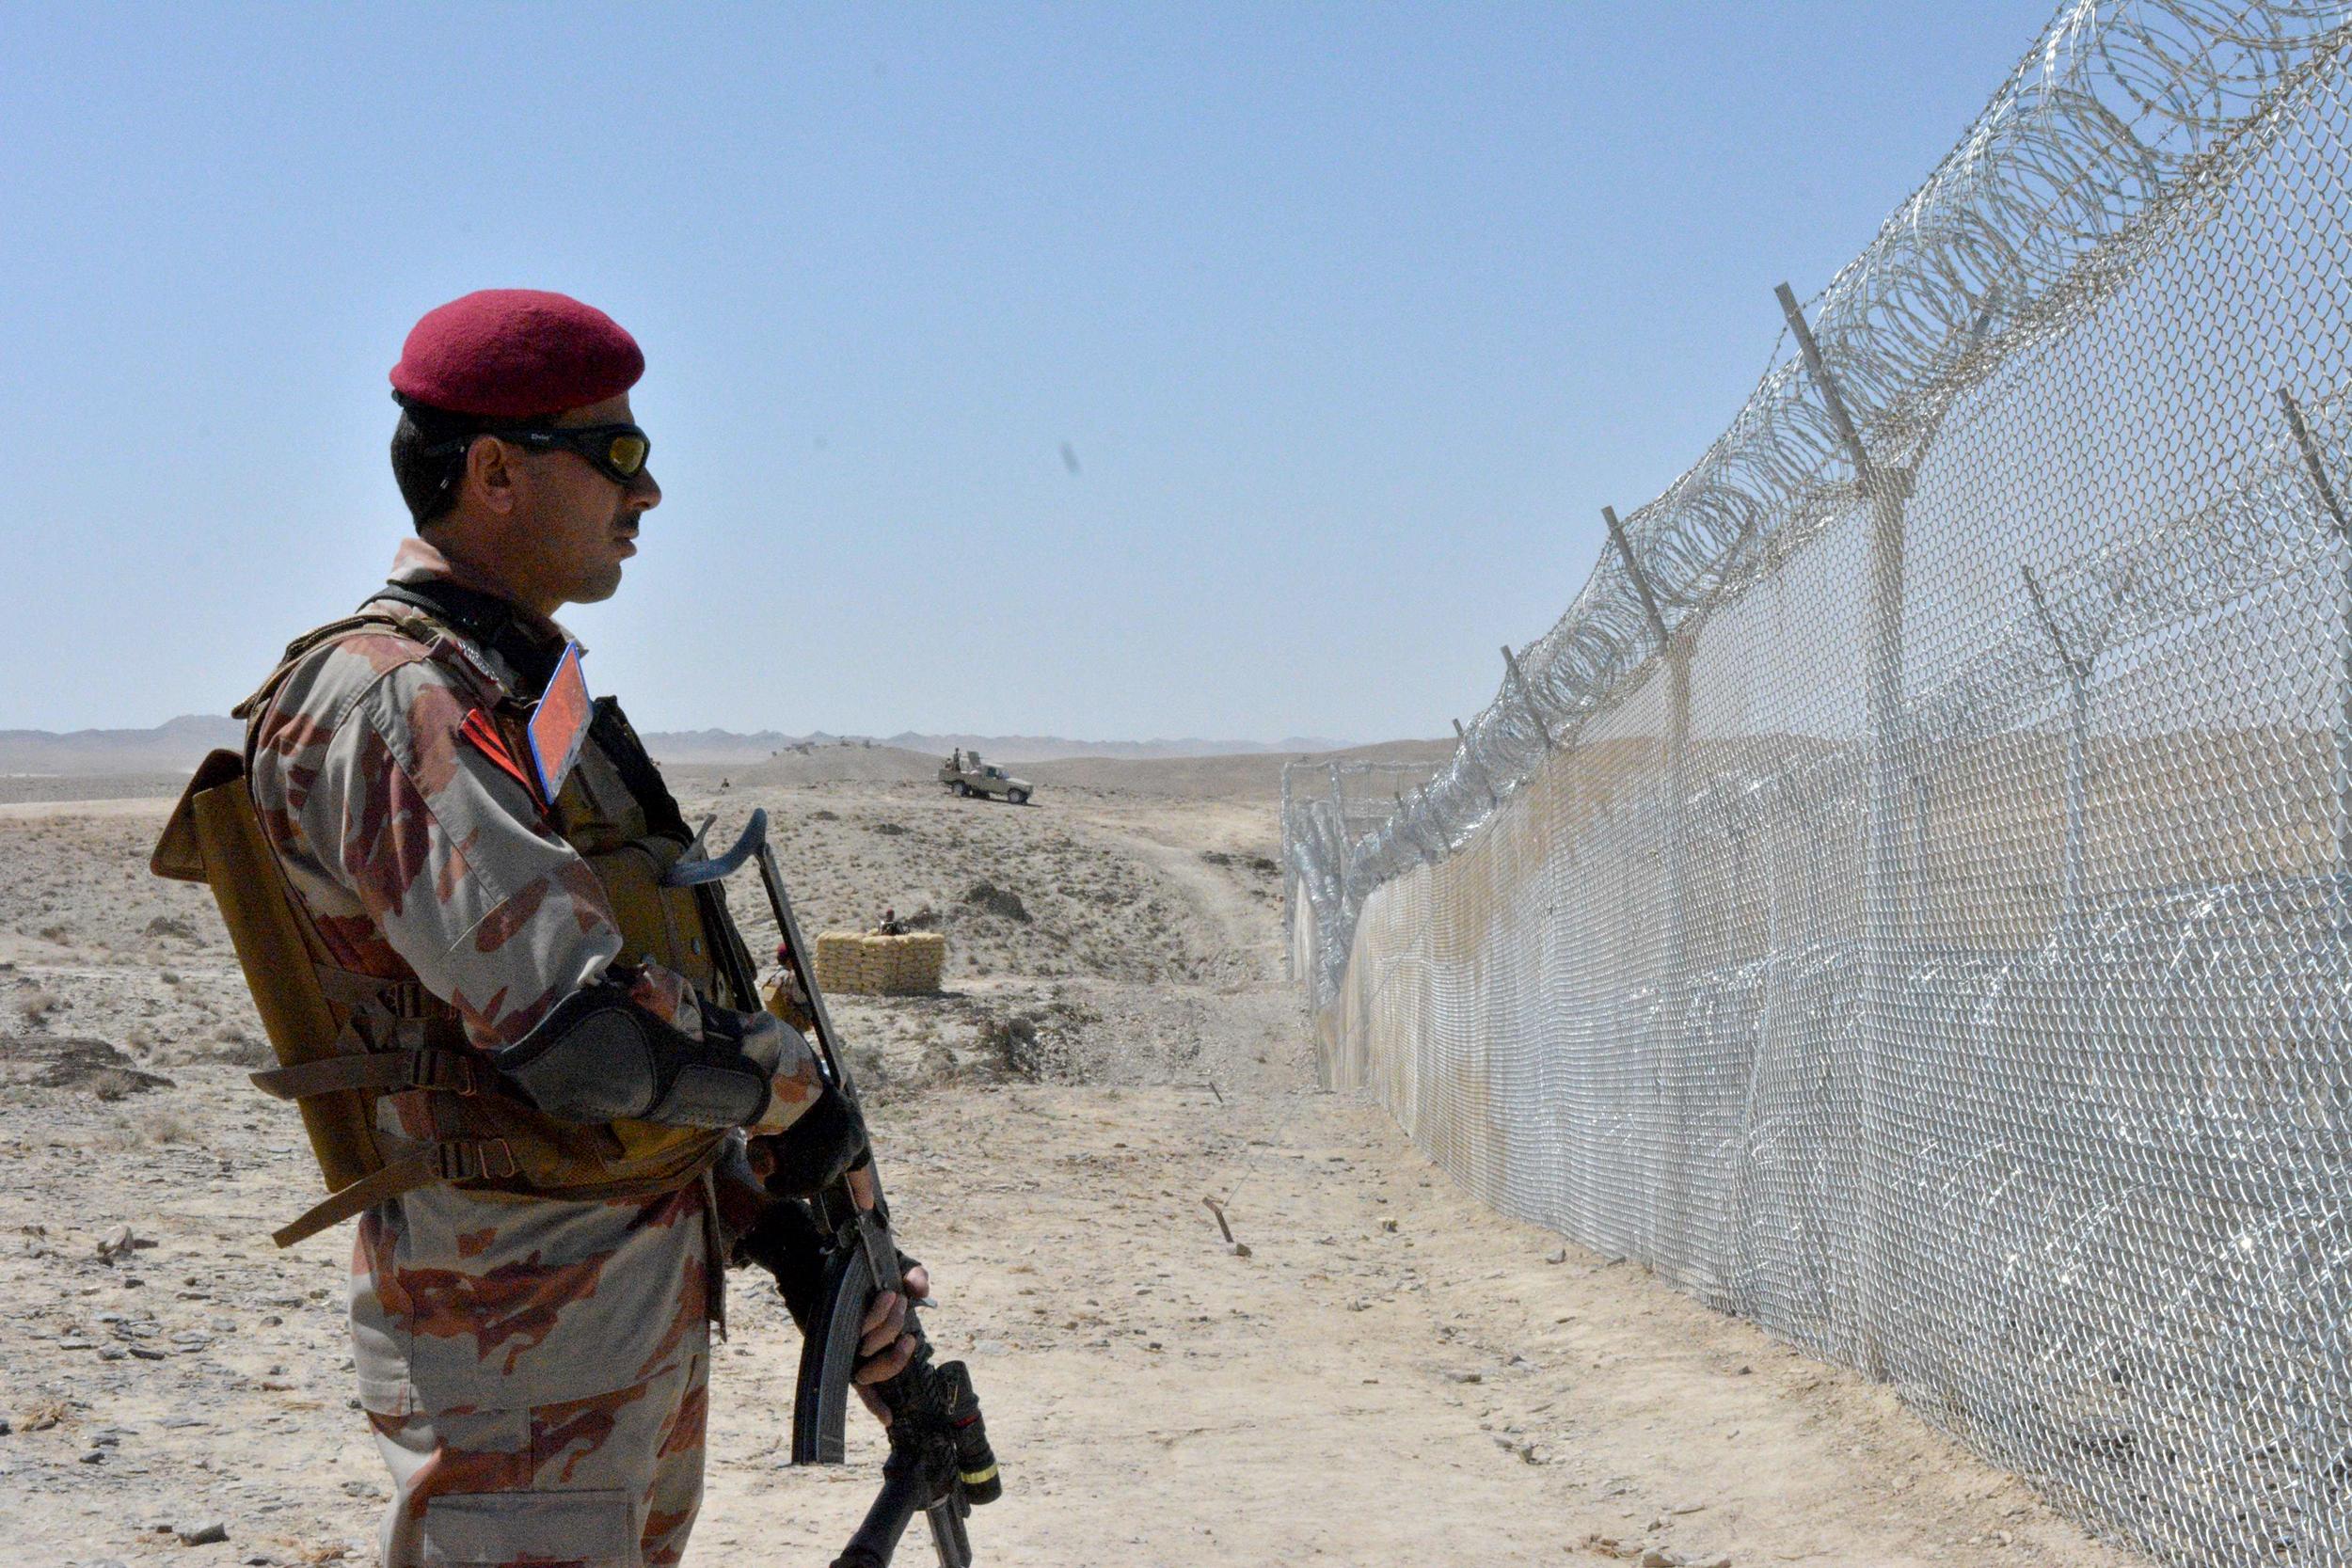 अफगानिस्तान पाकिस्तान सीमा